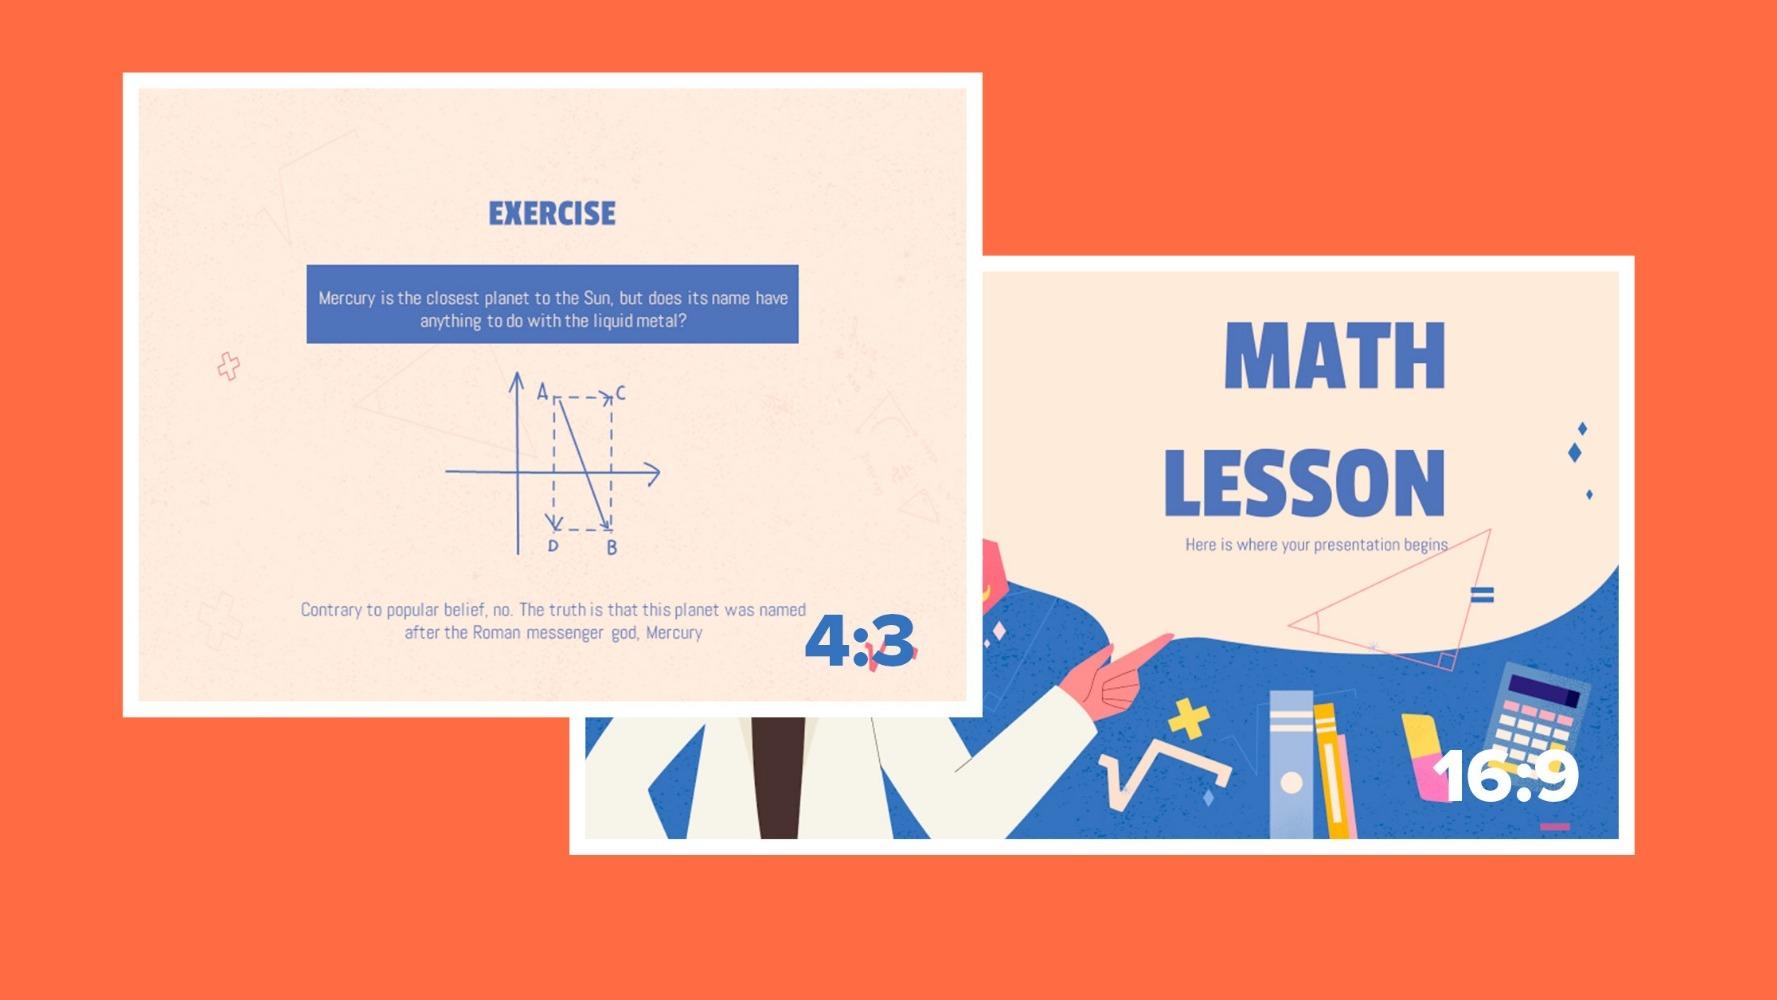 Como alterar a proporção da sua apresentação no PowerPoint | Tutoriais e Dicas de apresentação